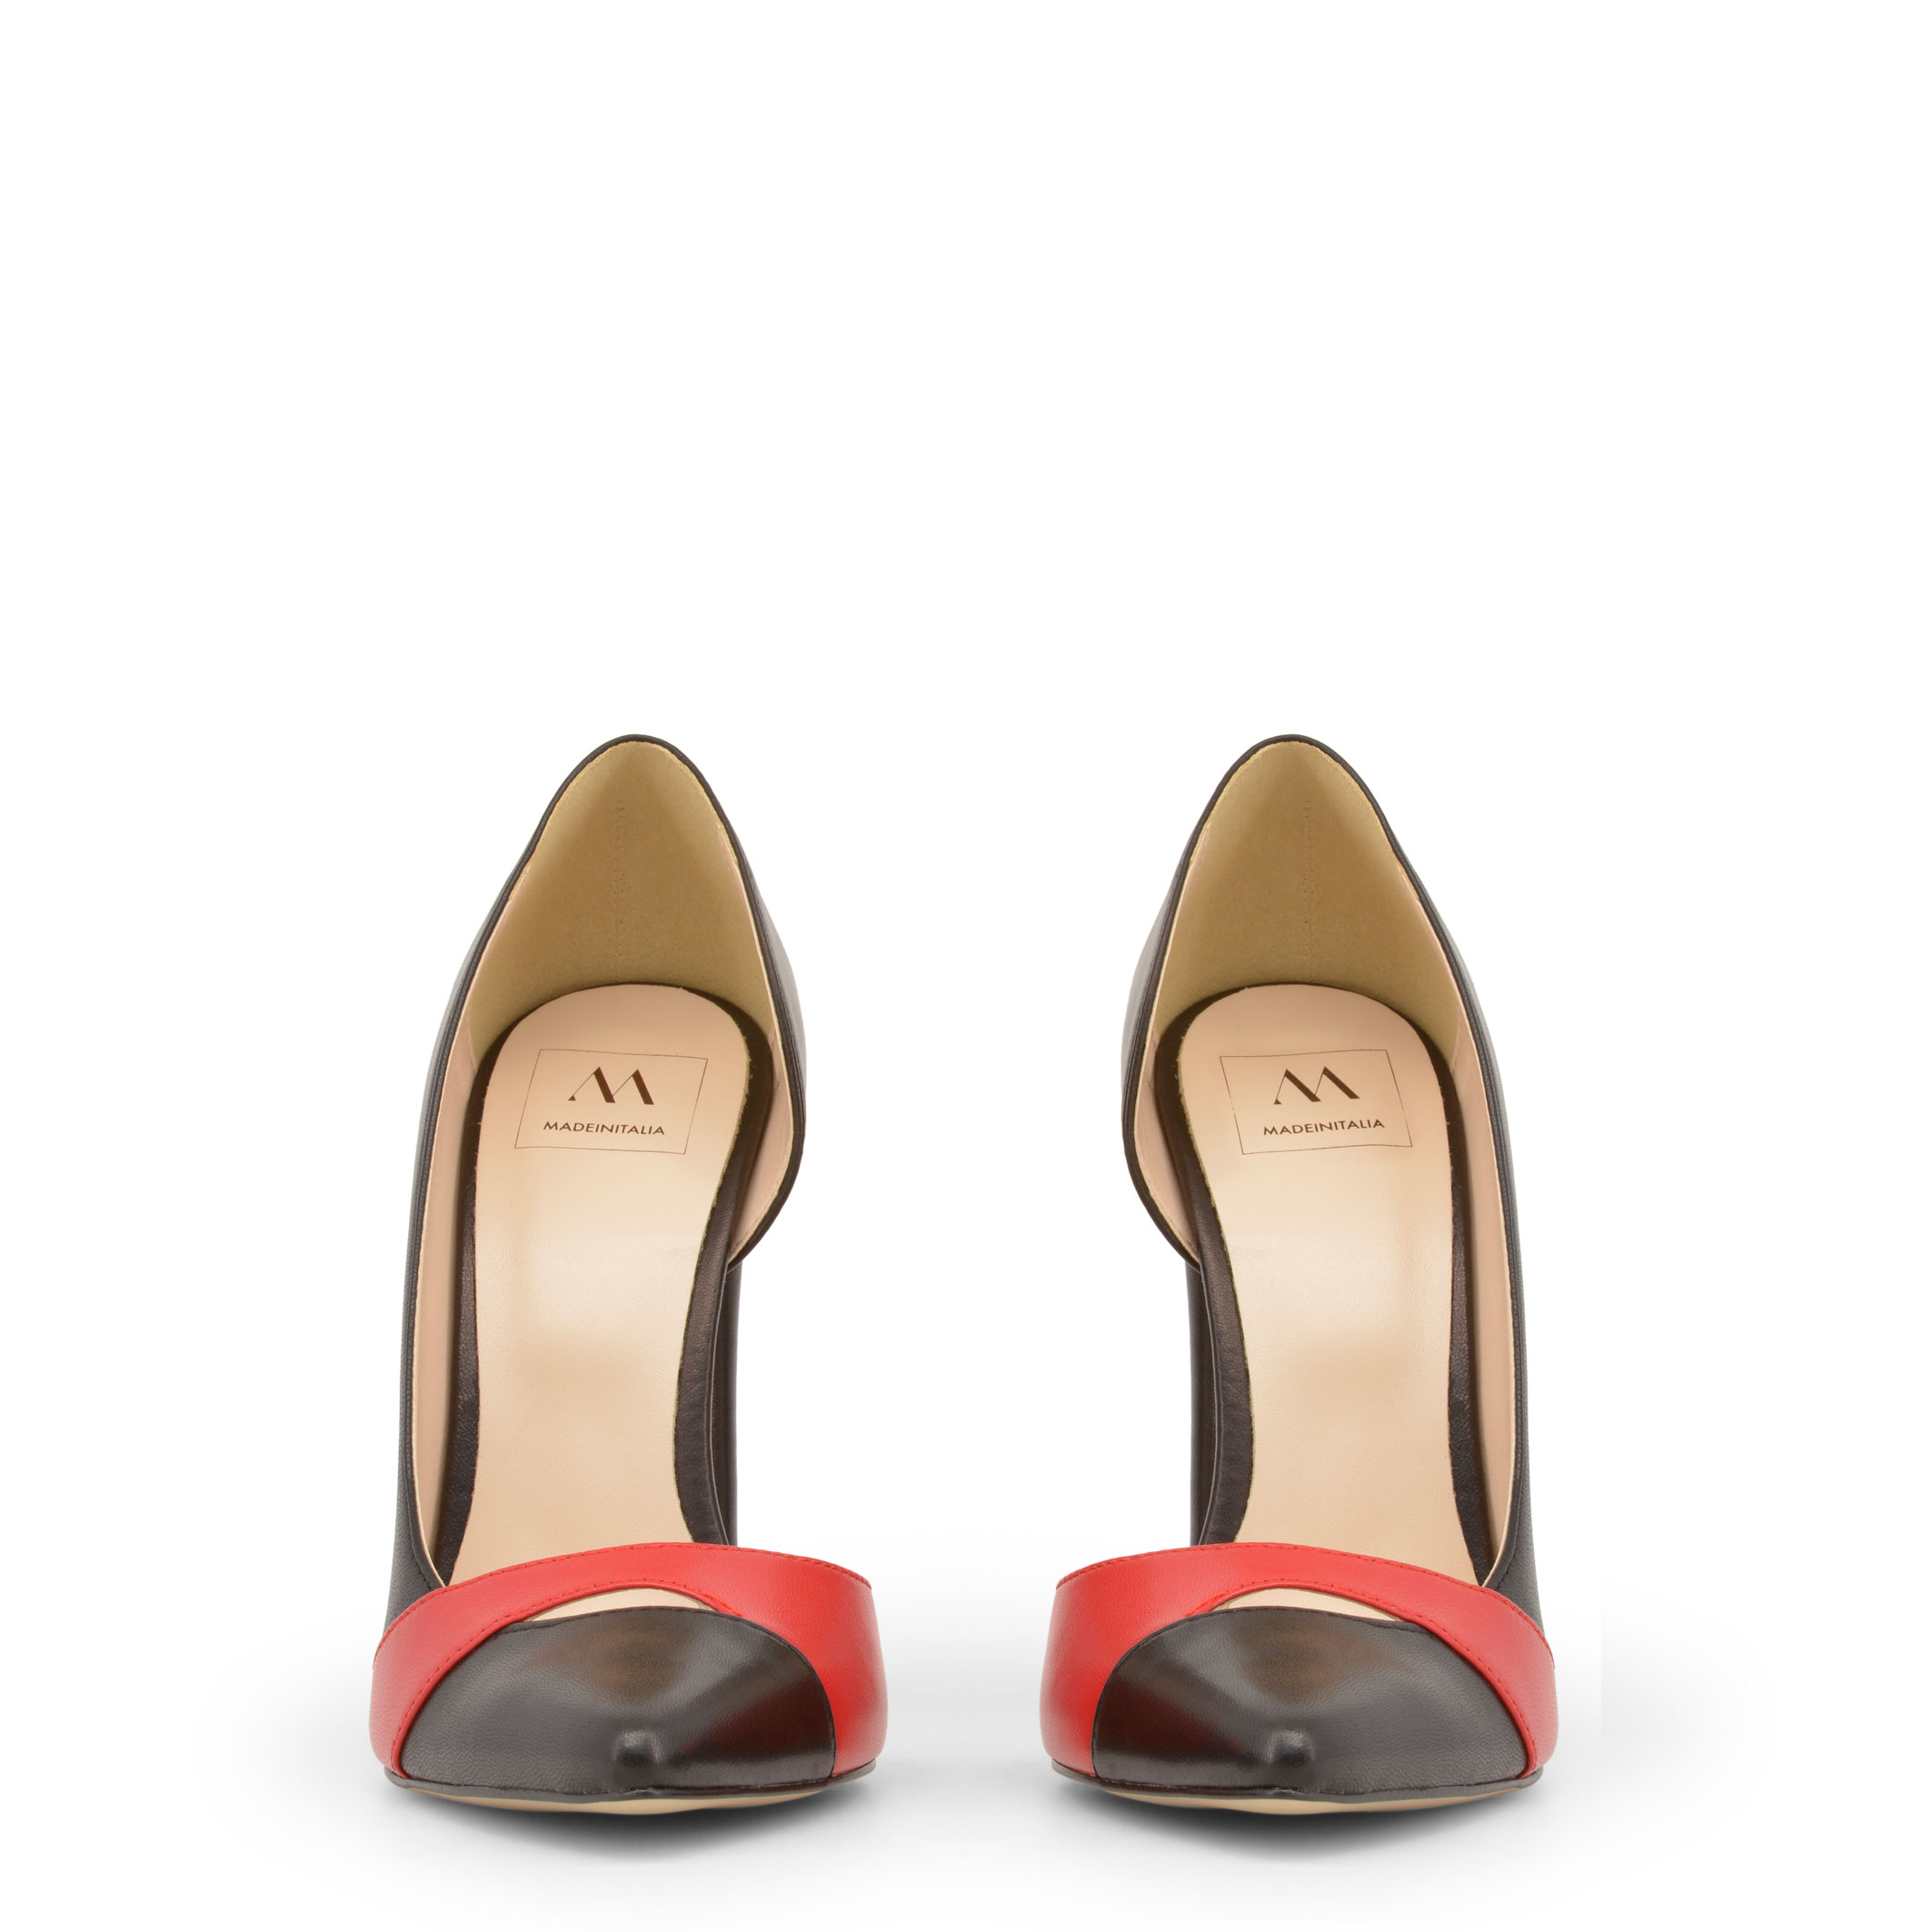 Made-in-Italia-Designer-Markenschuhe-Schuhe-Damen-High-Heels-Schwarz-Schuh Indexbild 3